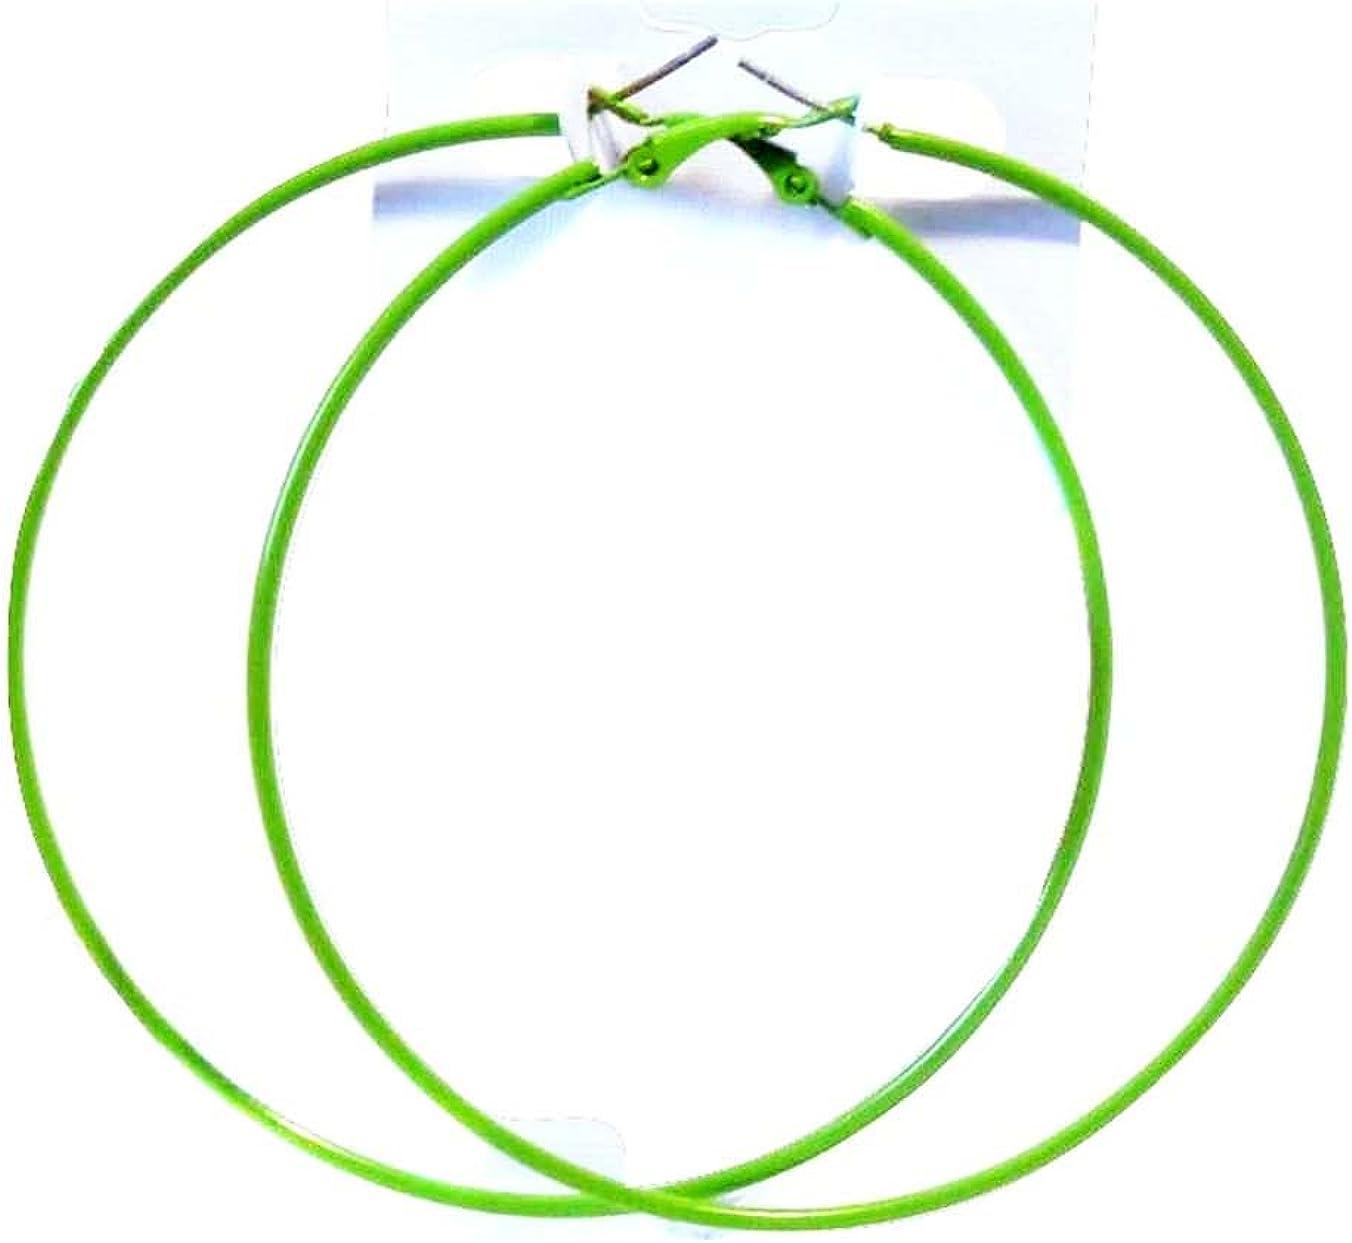 Green hoop earrings 1.5 inch Hoops Green Earrings Thin Hoop Earrings